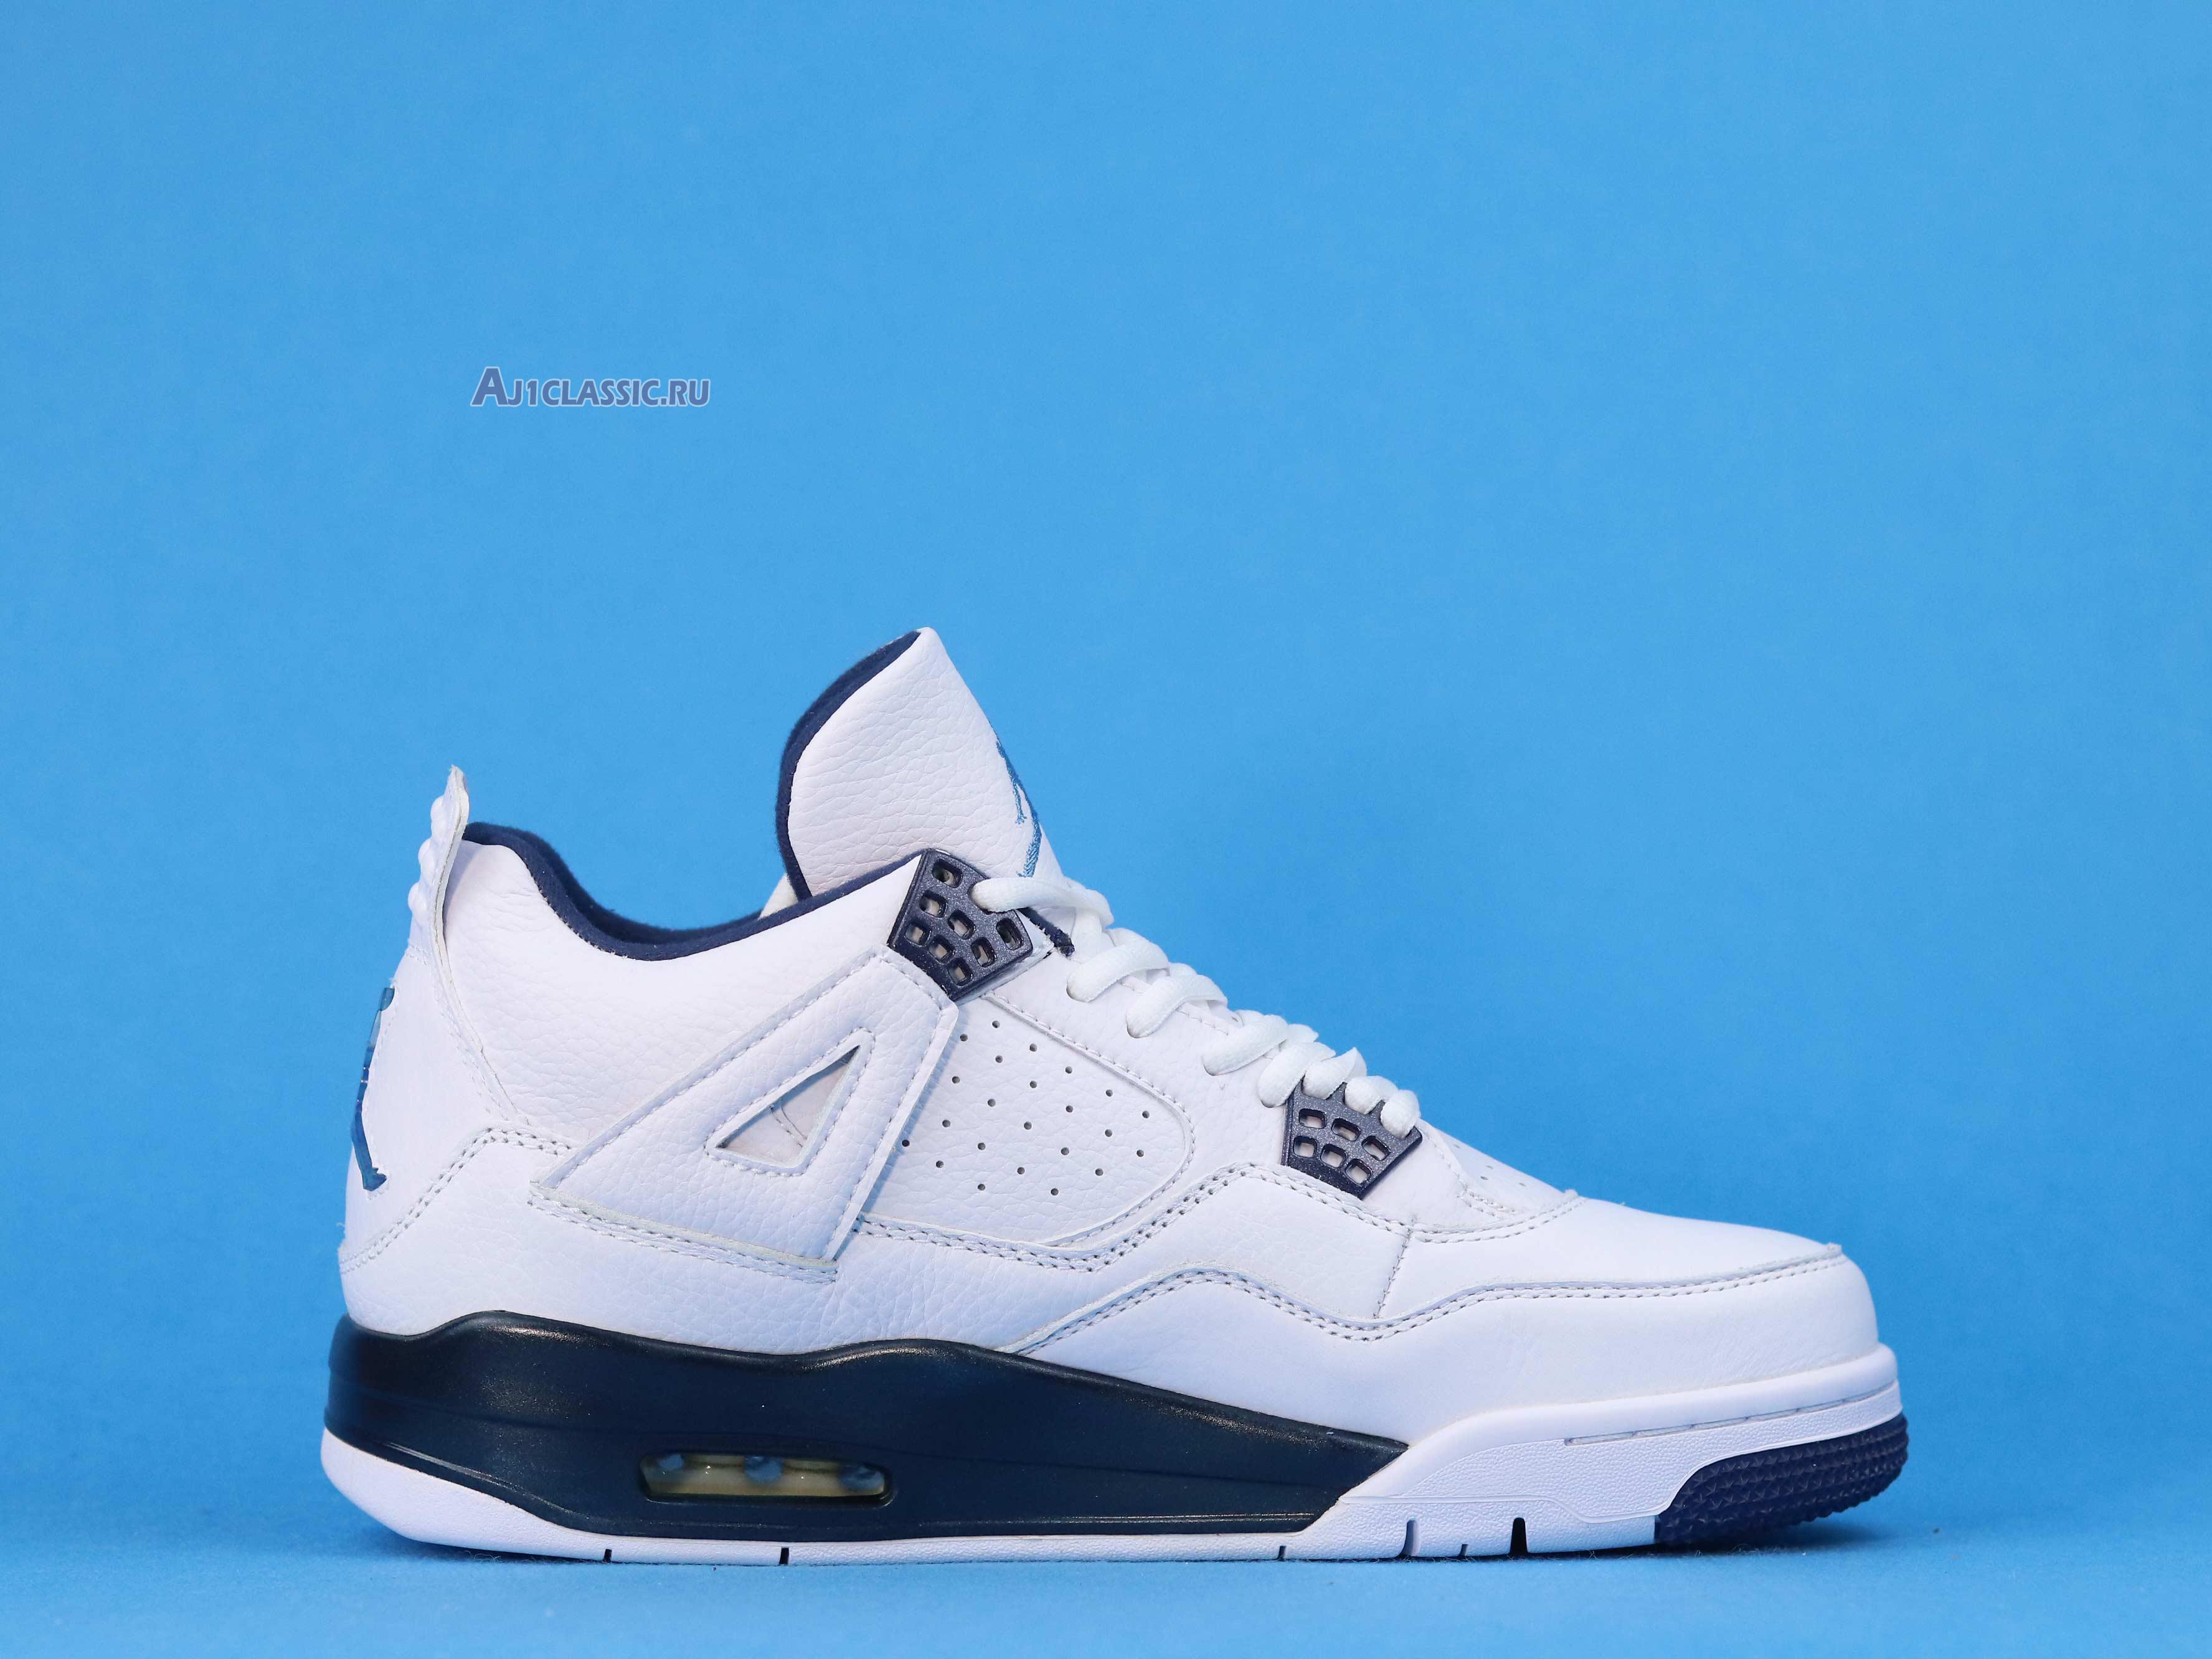 """Air Jordan 4 Retro LS """"Legend Blue"""" 314254-107"""